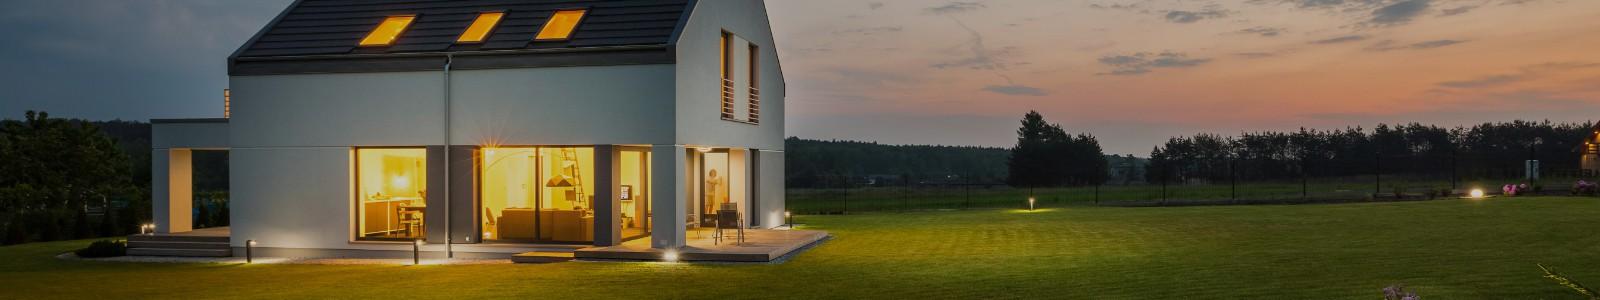 Projekty Domów Parterowych | Doskonałe Rozwiązania